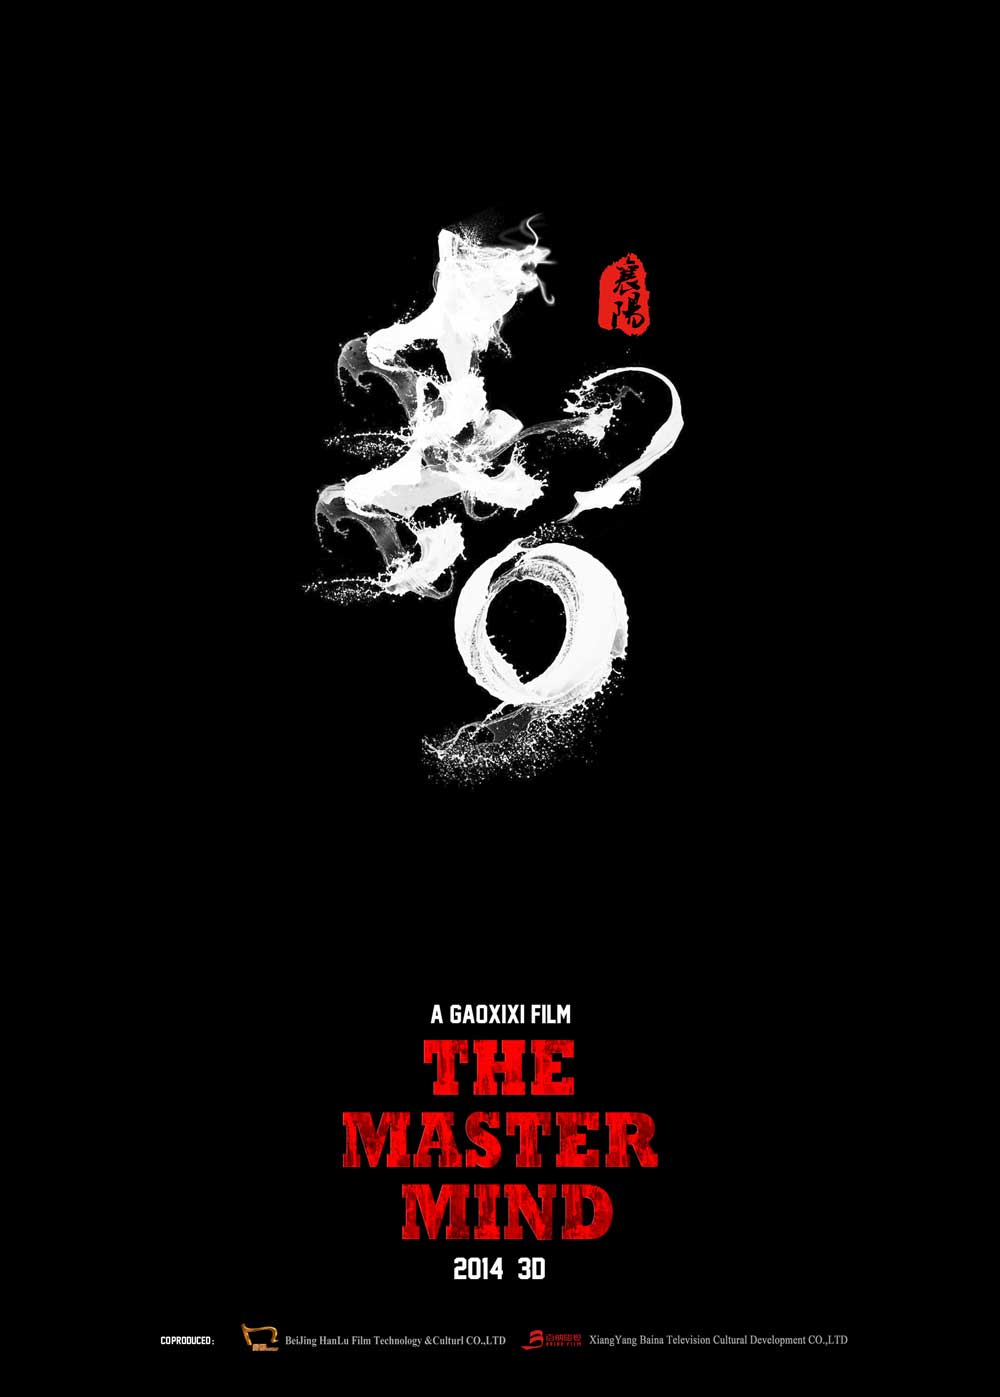 โปสเตอร์สามก๊ก The Master Mind เมืองคานส์